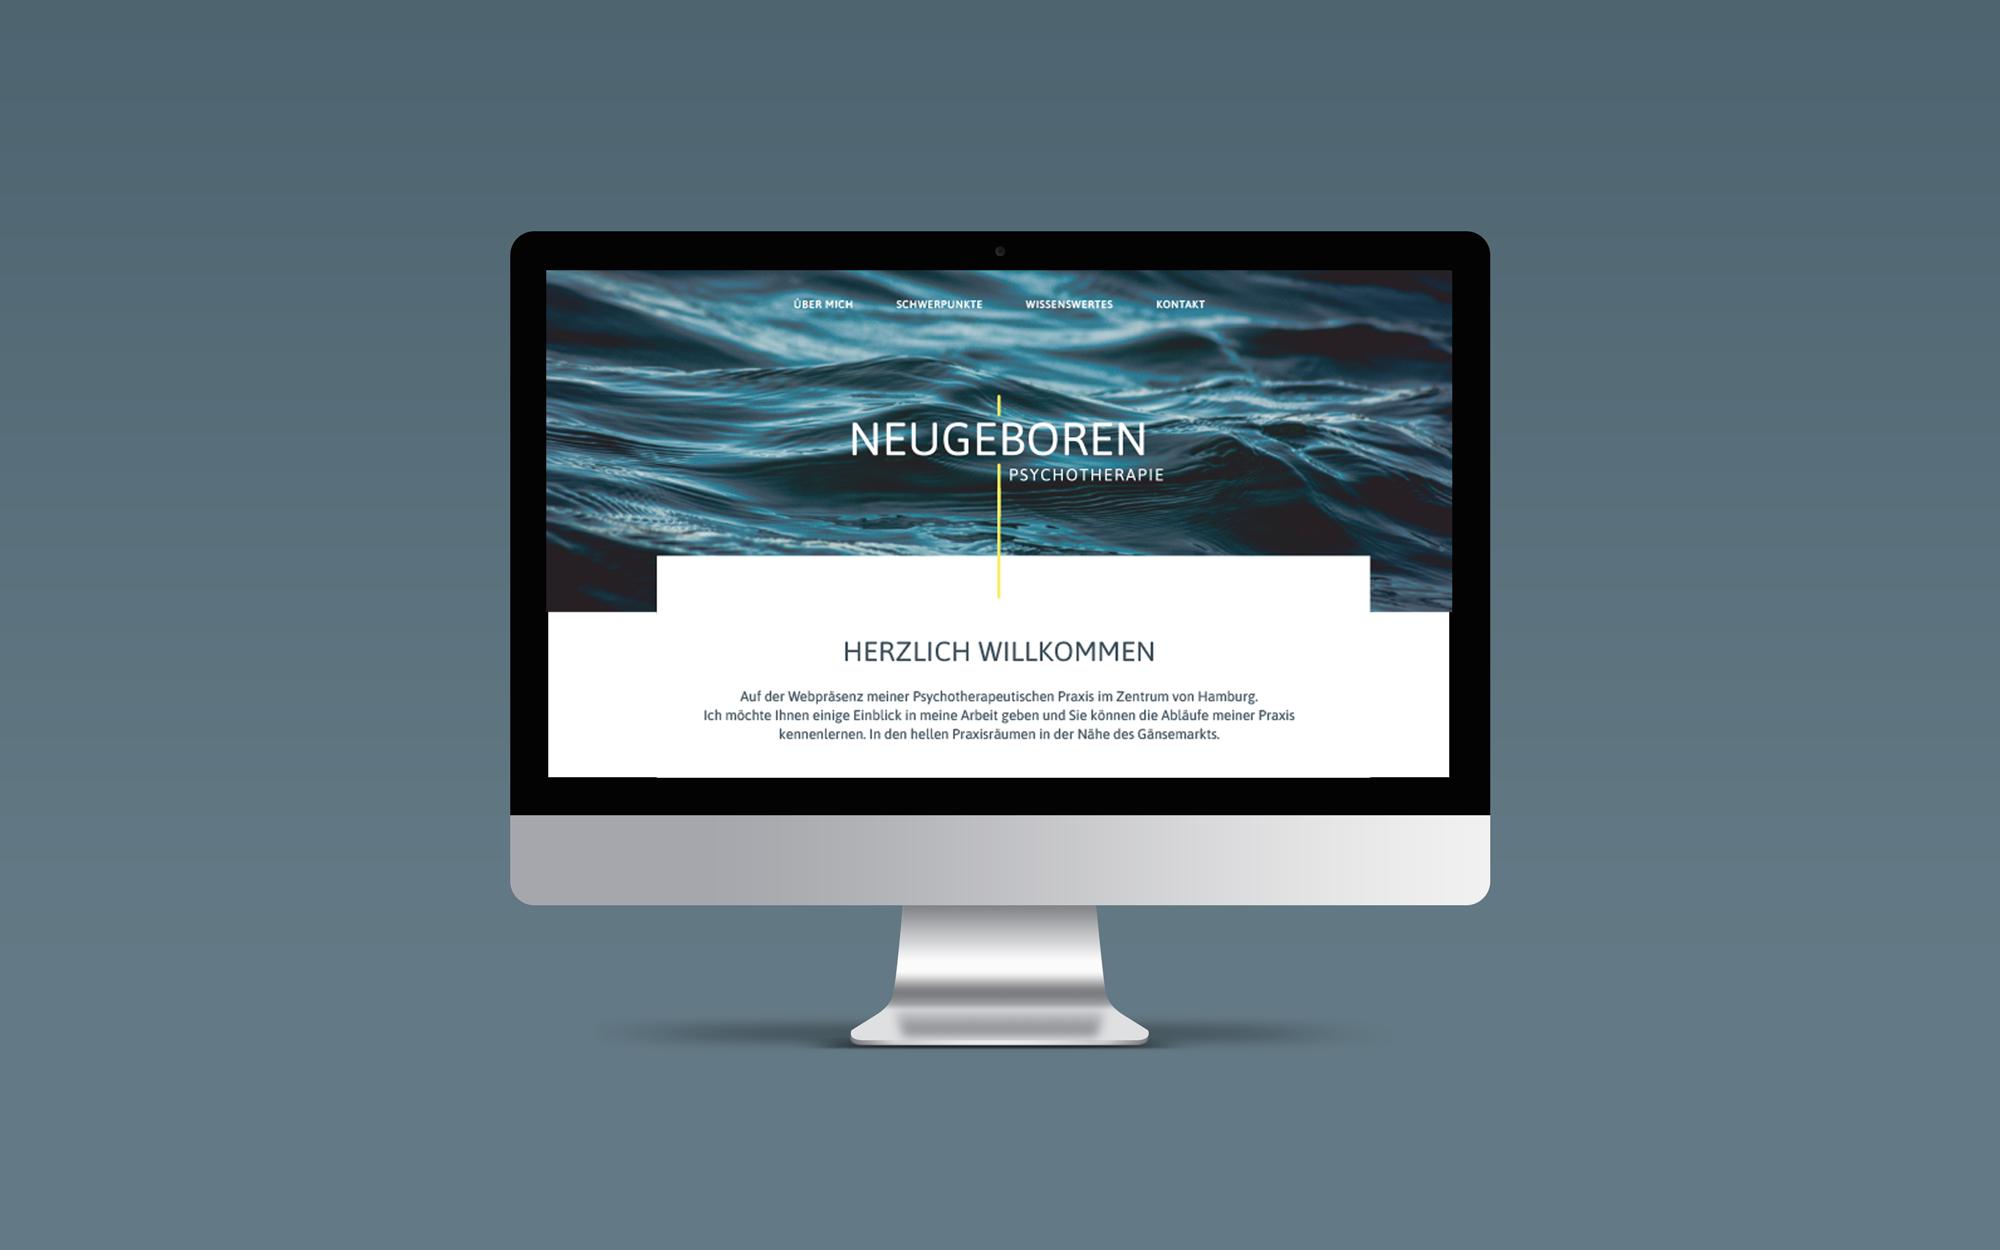 Neugeboren – Psychotherapie